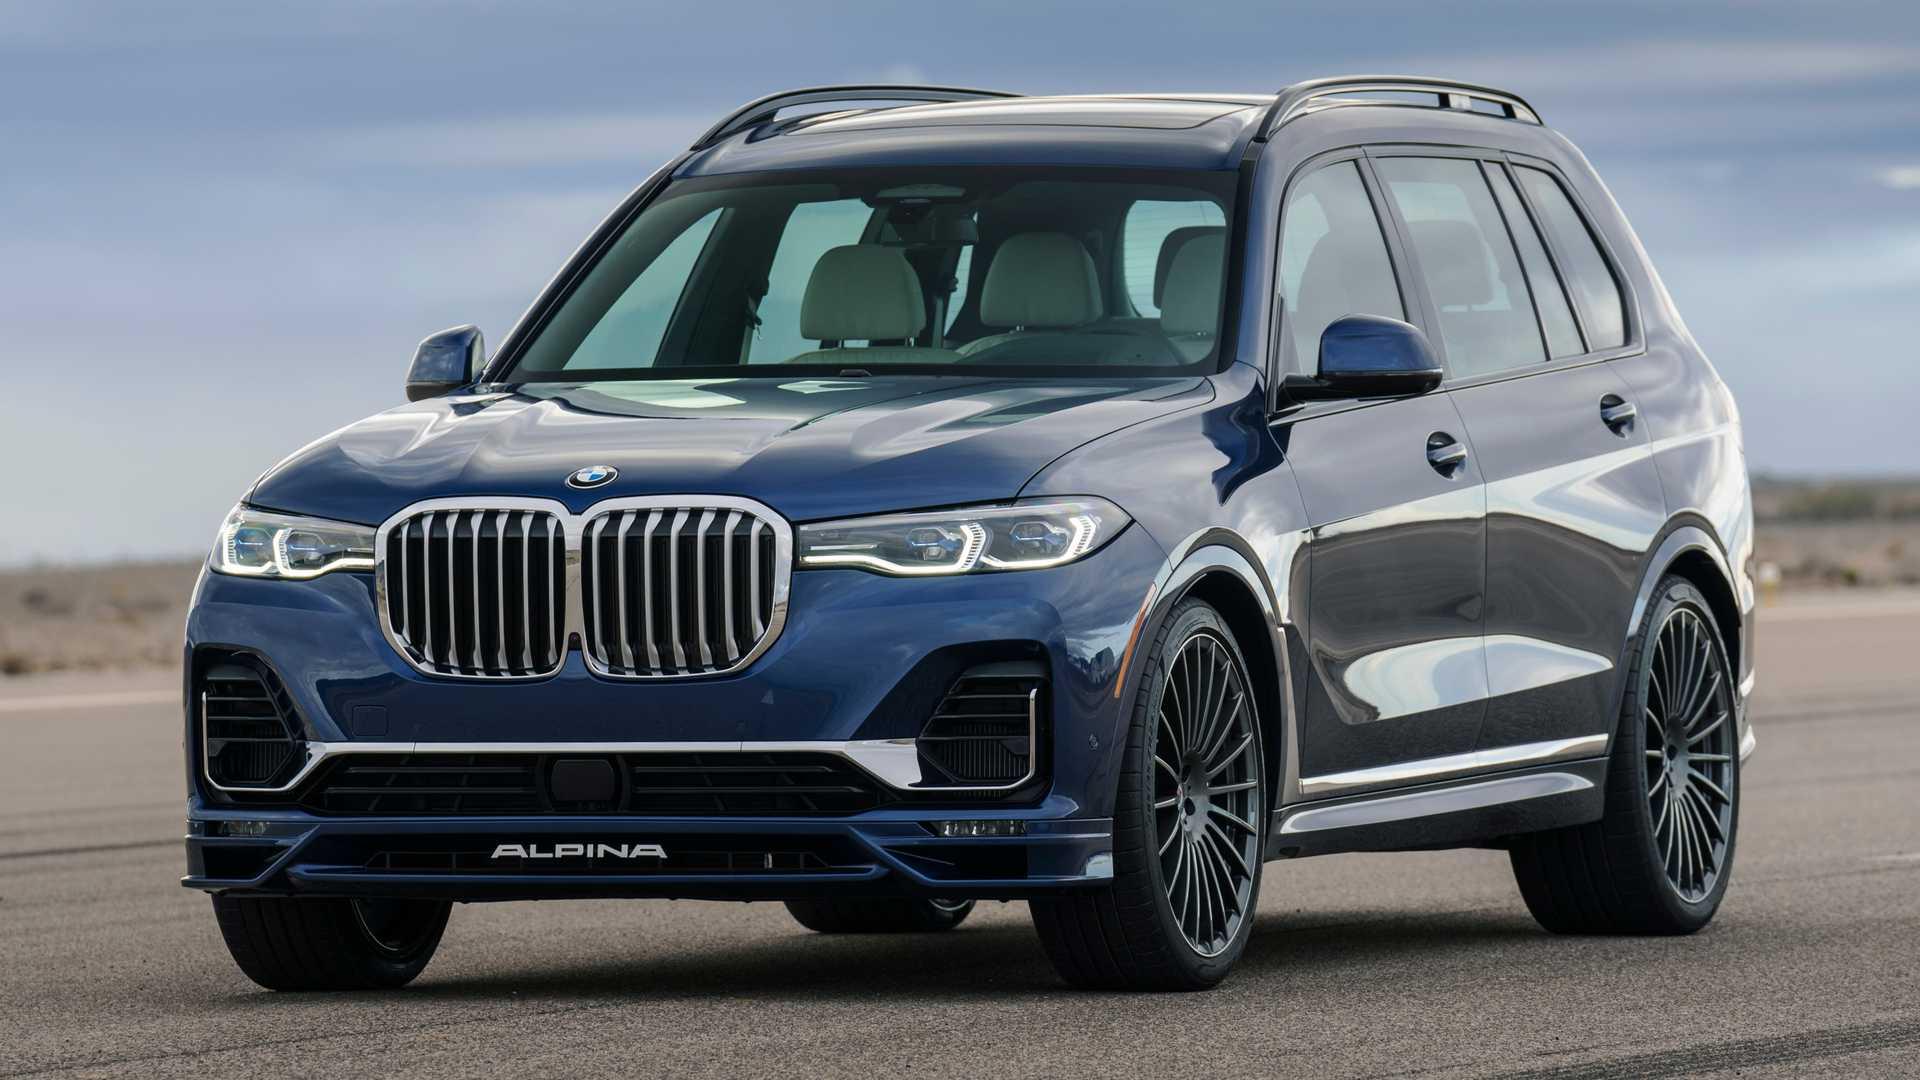 Ателье Alpina представило свой BMW X7